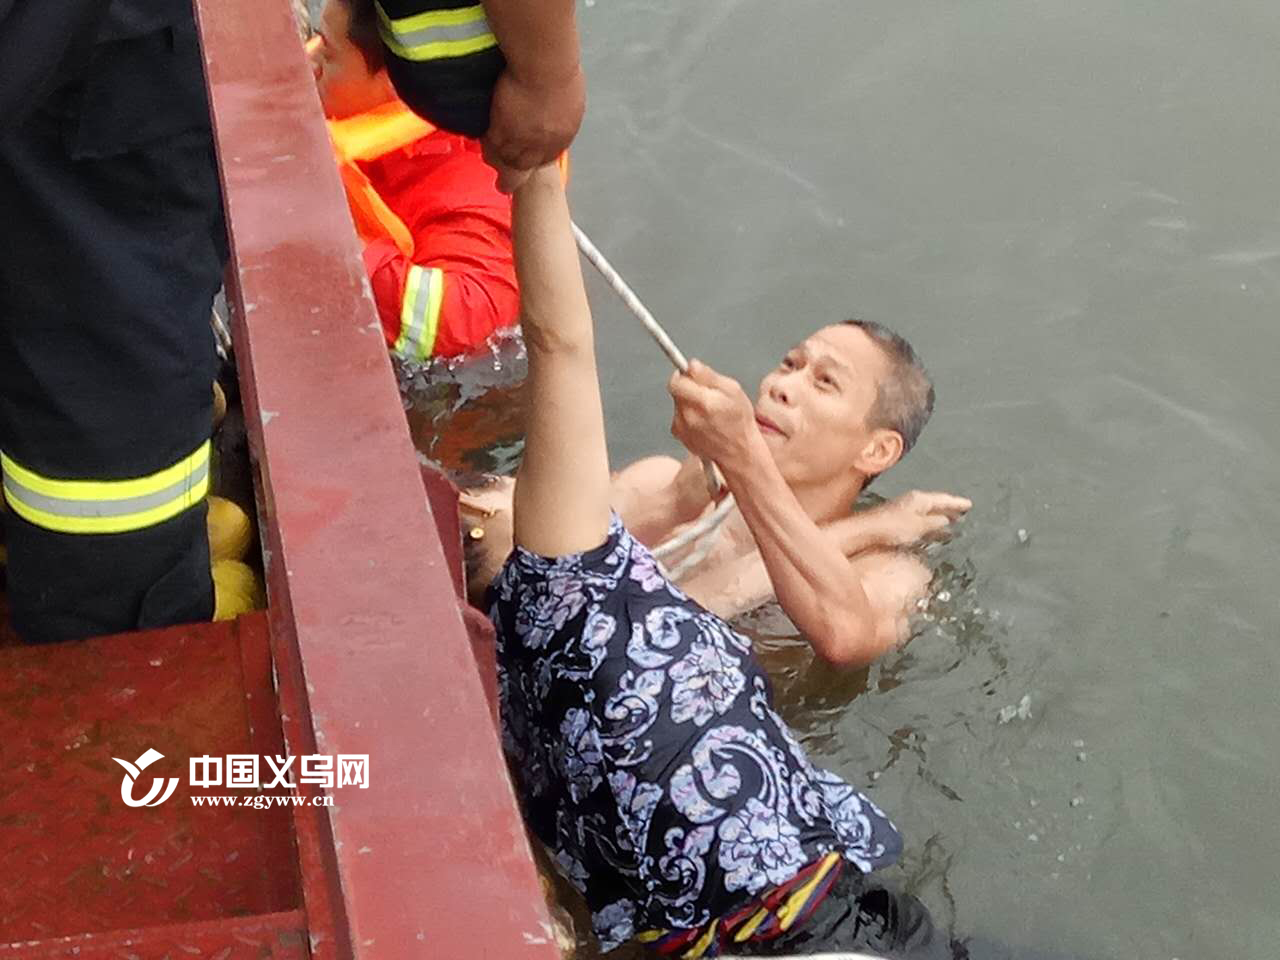 【十八力】身患癌症女子轻生 义乌民警跳江救人